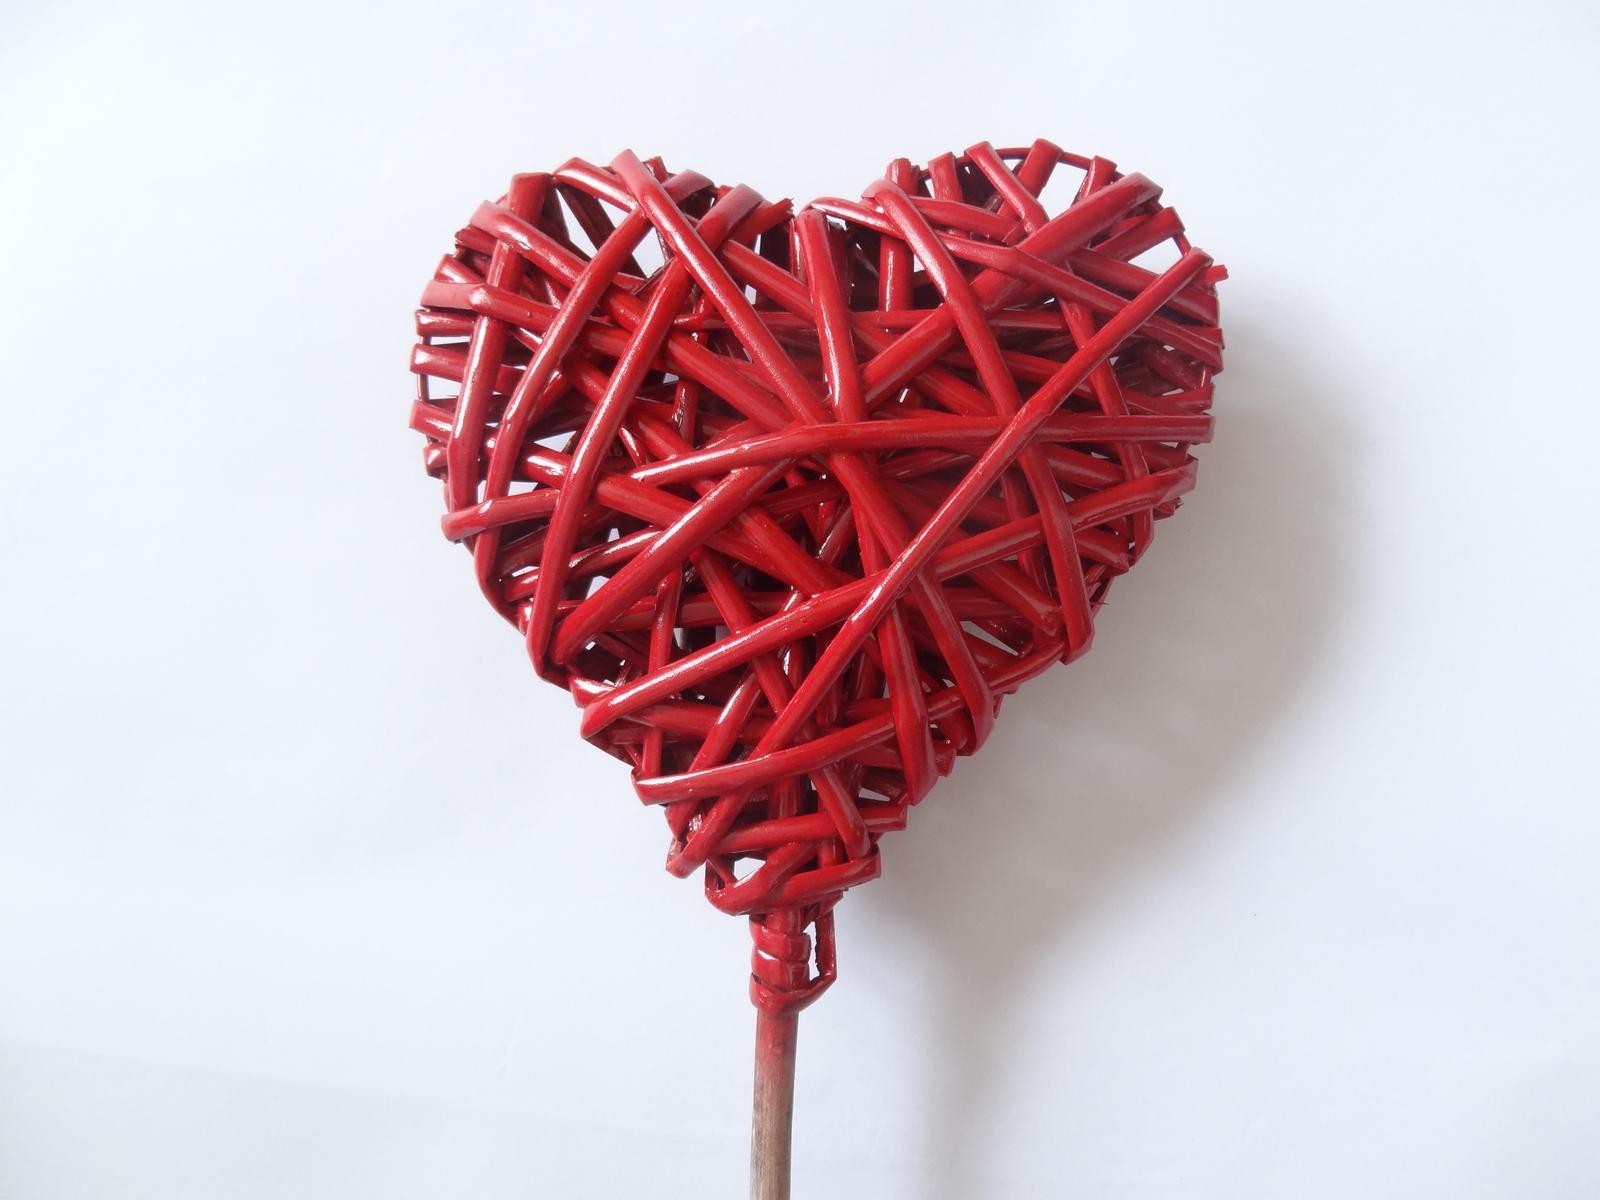 Srdce - zápich - Obrázek č. 1